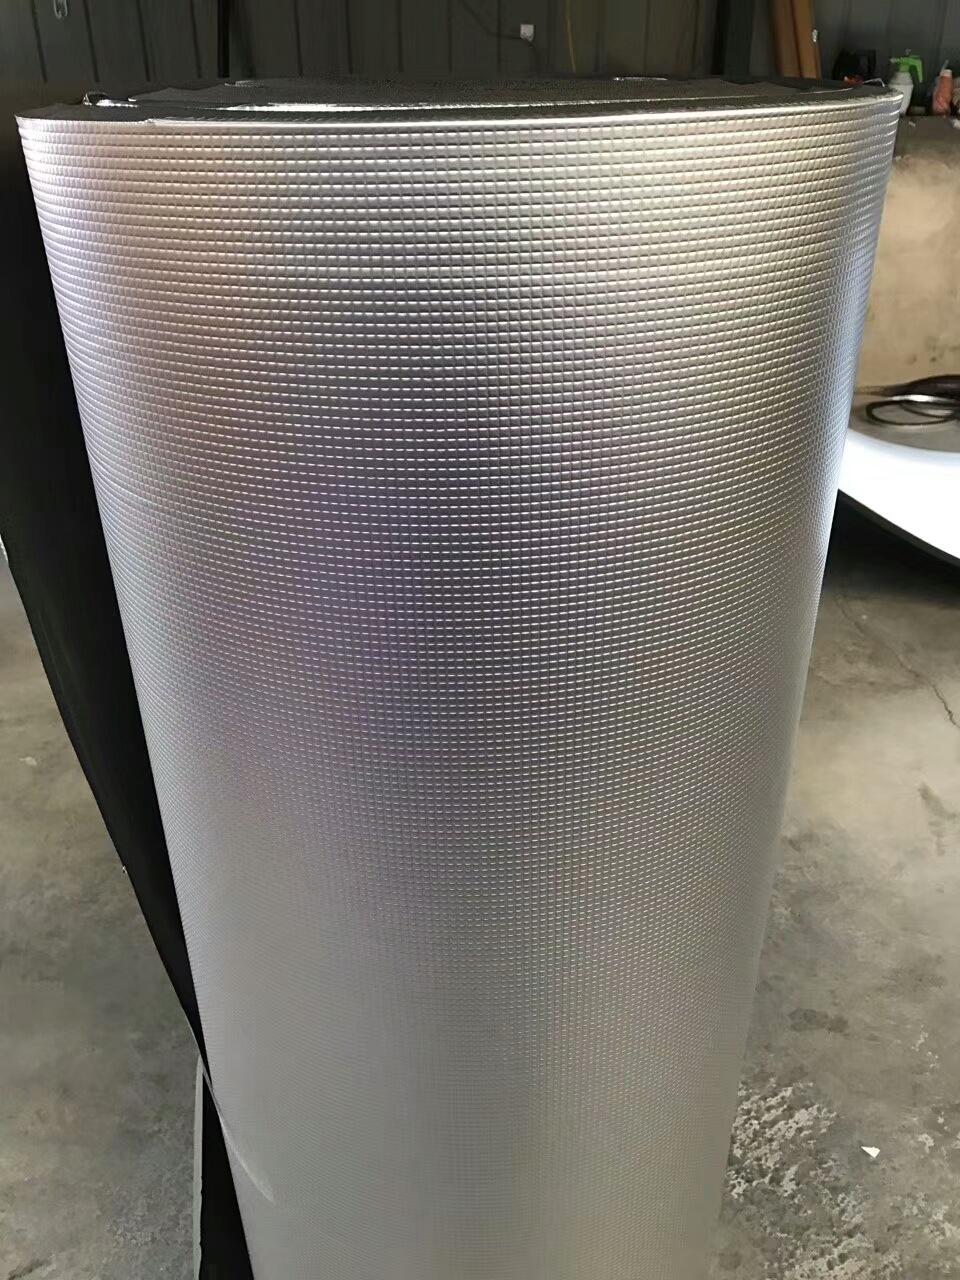 SHENZHOU Thị trường sản phẩm nhựa Ván cao su và nhựa Tấm cách nhiệt cao su và nhựa Tấm xốp cao su và